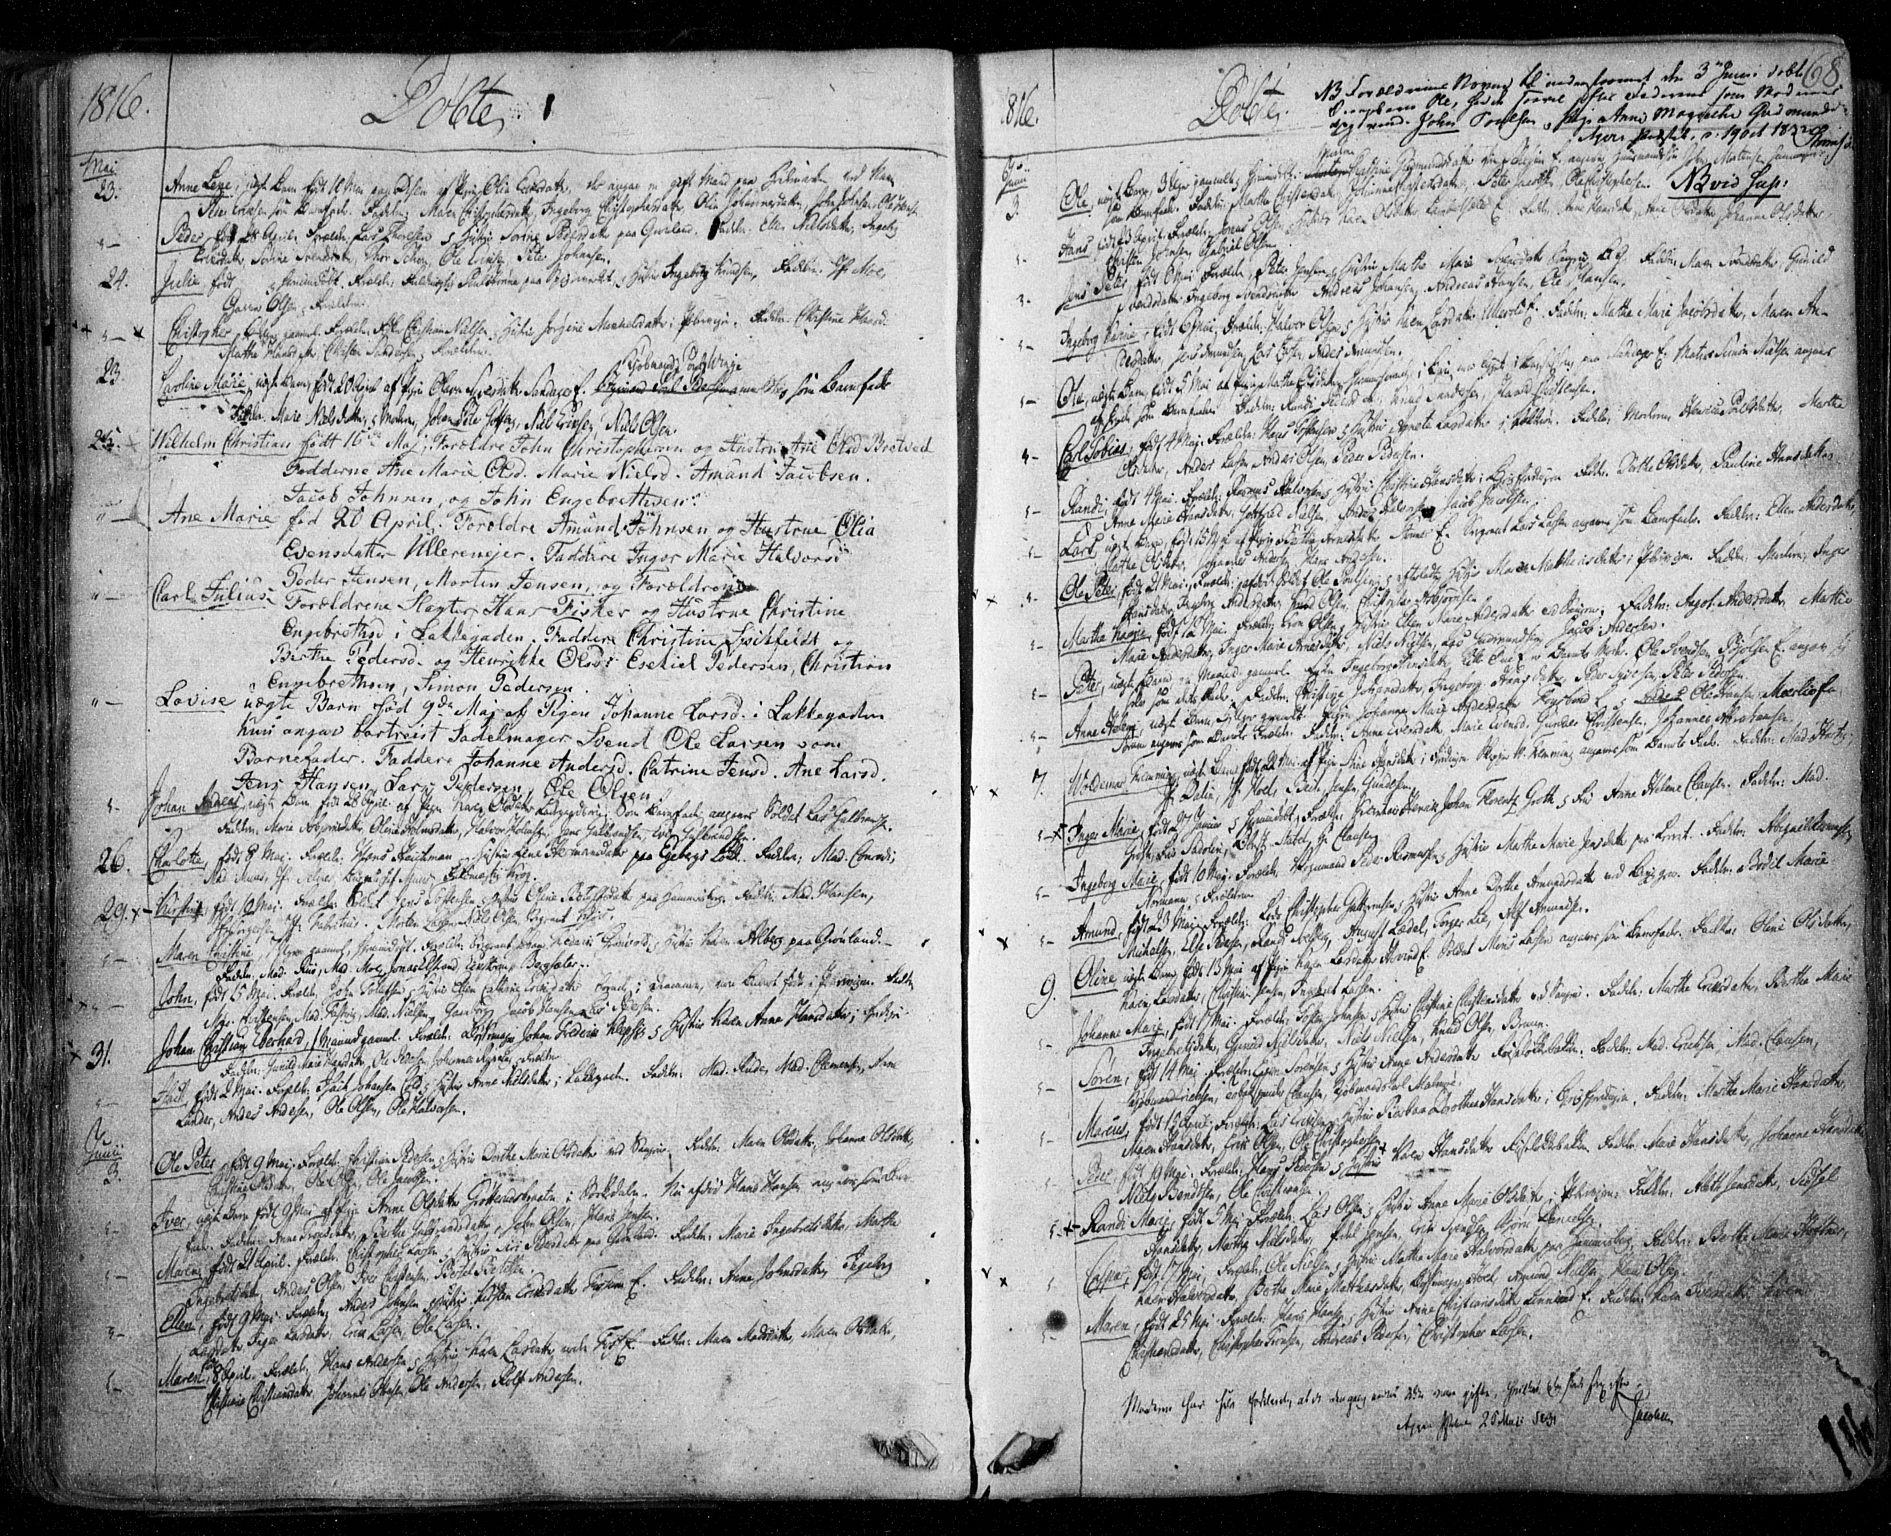 SAO, Aker prestekontor kirkebøker, F/L0011: Ministerialbok nr. 11, 1810-1819, s. 68